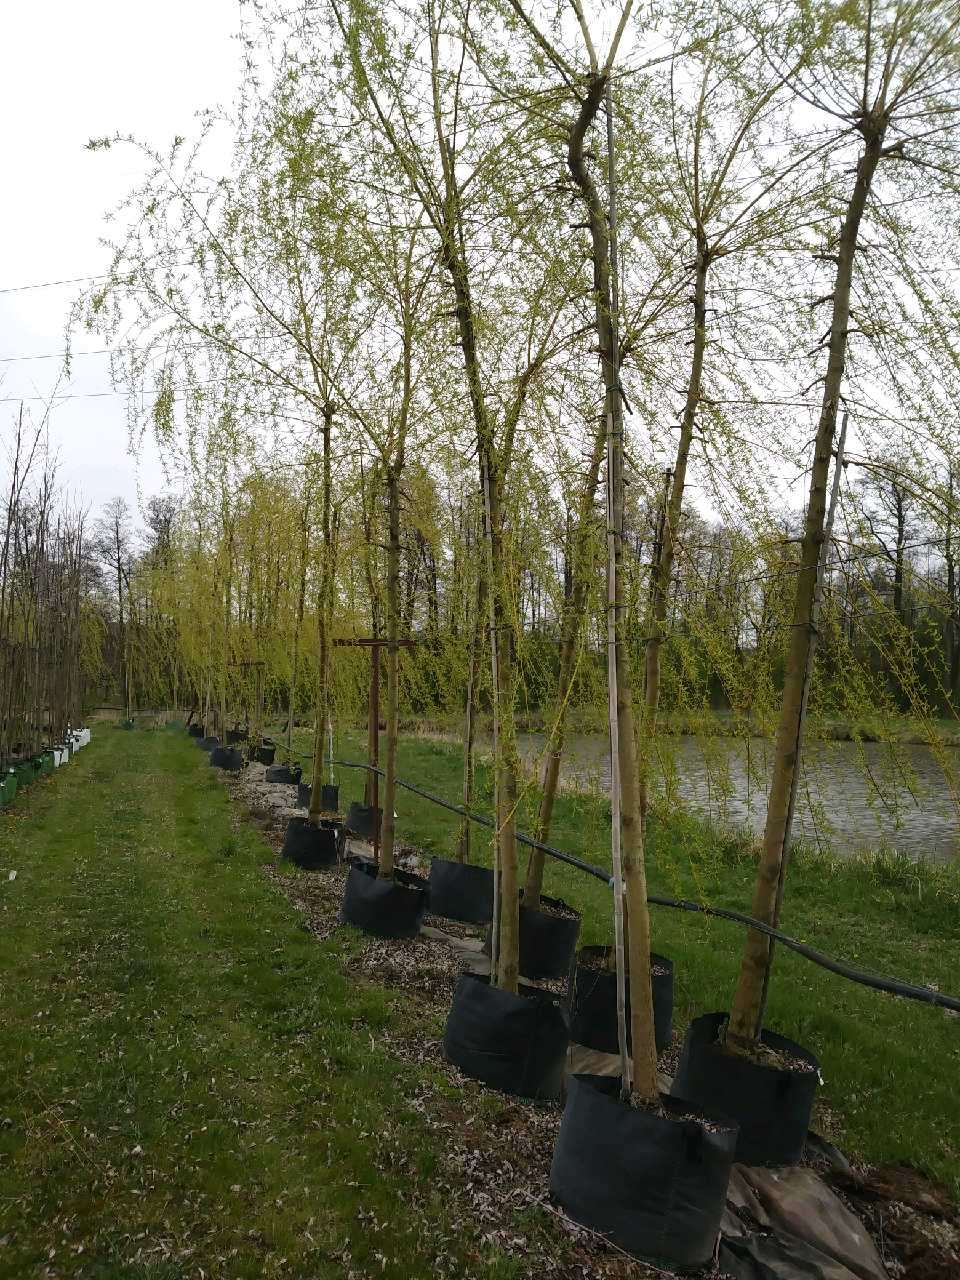 wierzba płacząca Chrysocoma, duże sadzonki drzew.